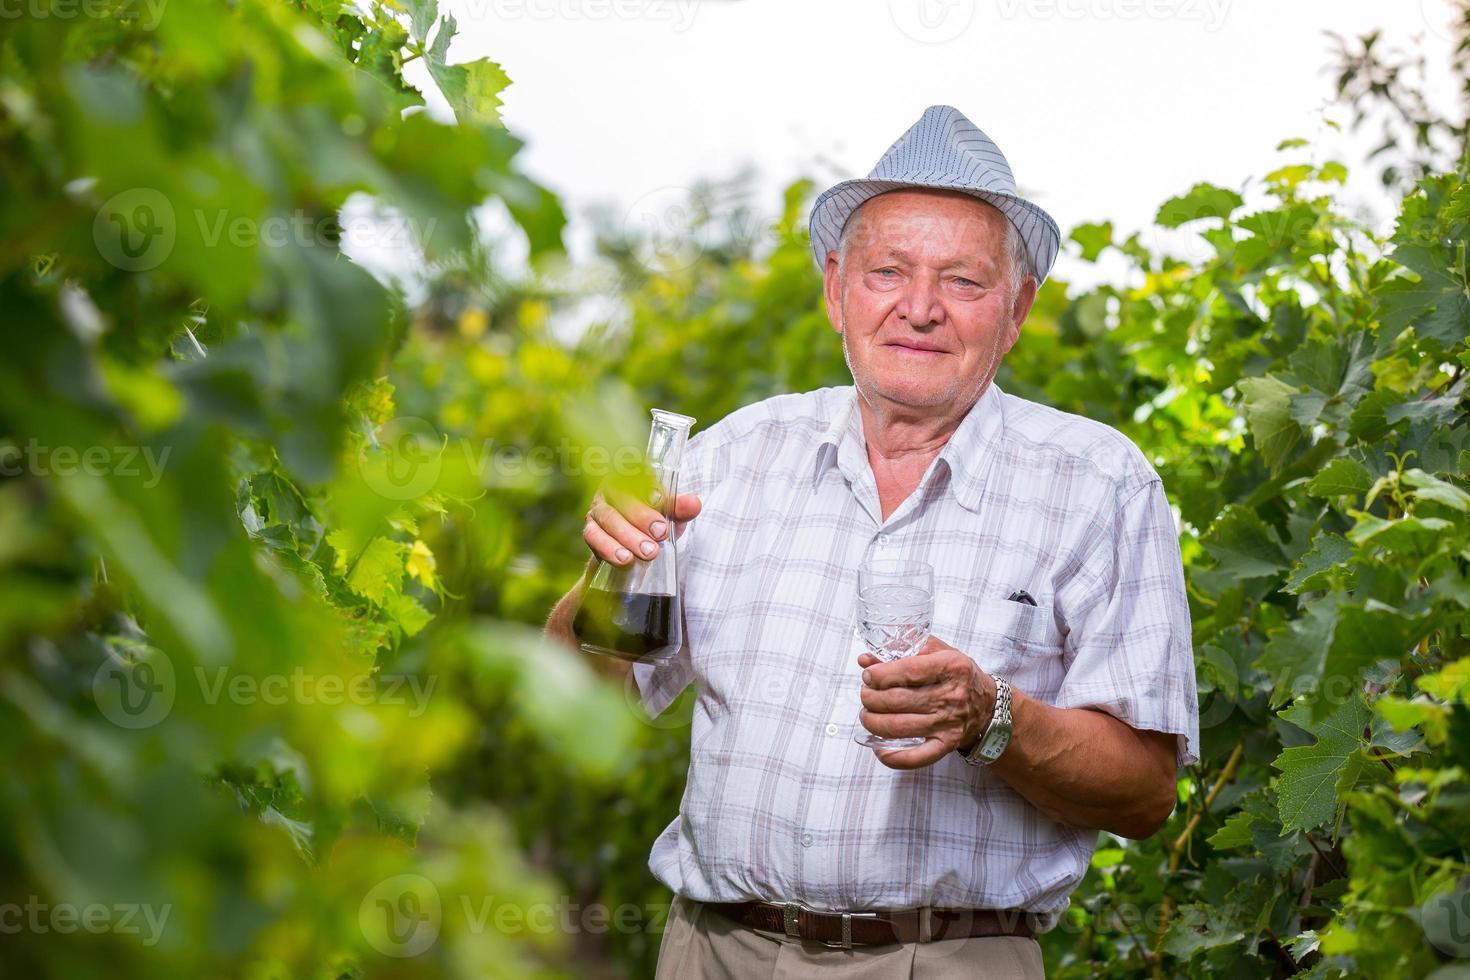 Senior viticulturist photo